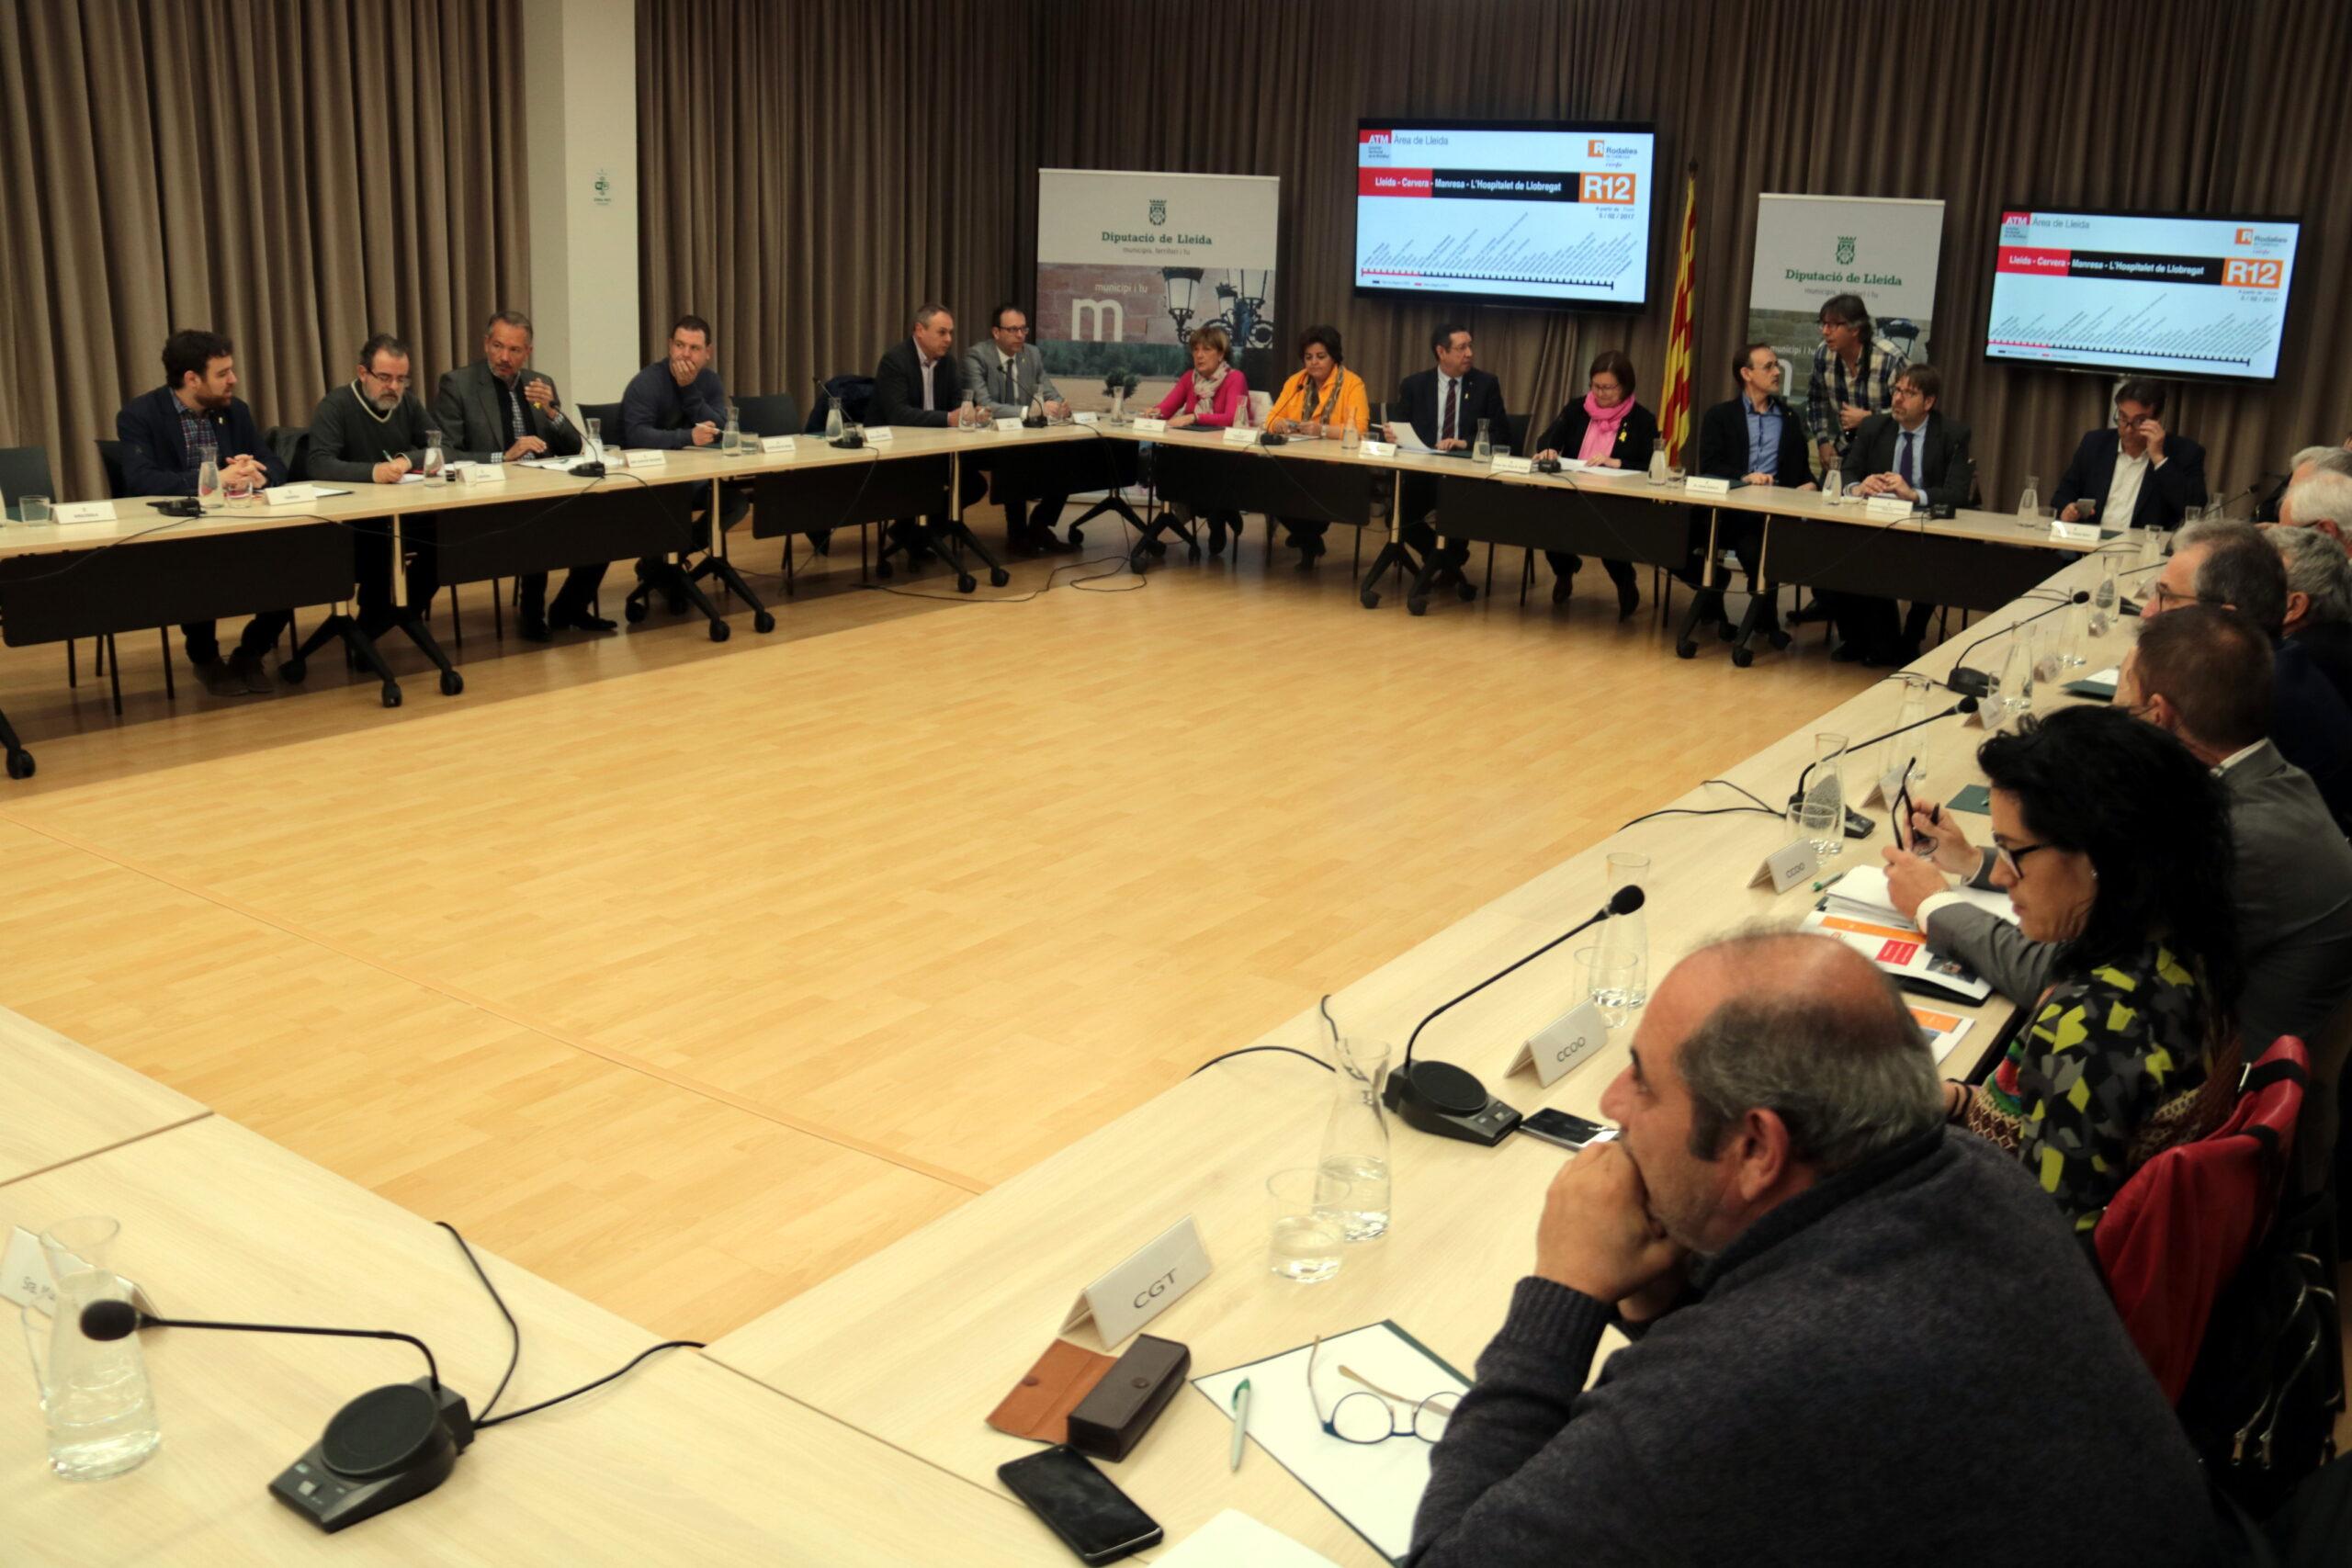 Imatge de la reunió de la Plataforma per a la millora de la línia Barcelona-Manresa-Lleida, celebrada el 15 de març del 2019 a la Diputació de Lleida. (Horitzontal)